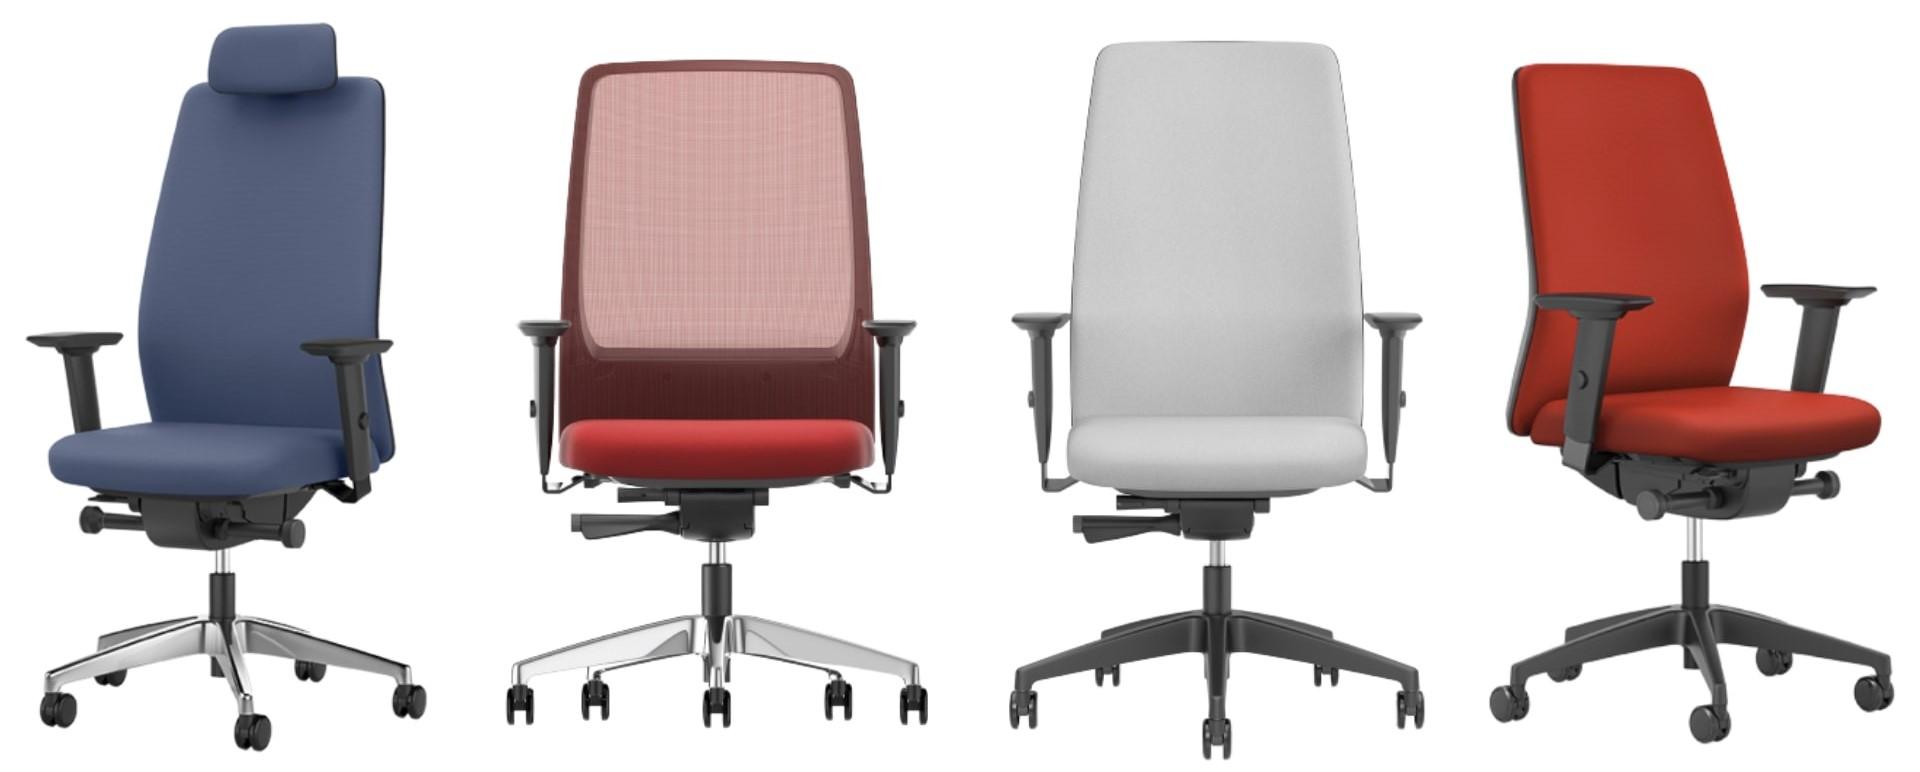 AIMis1 Interstuhl Bureaustoelen